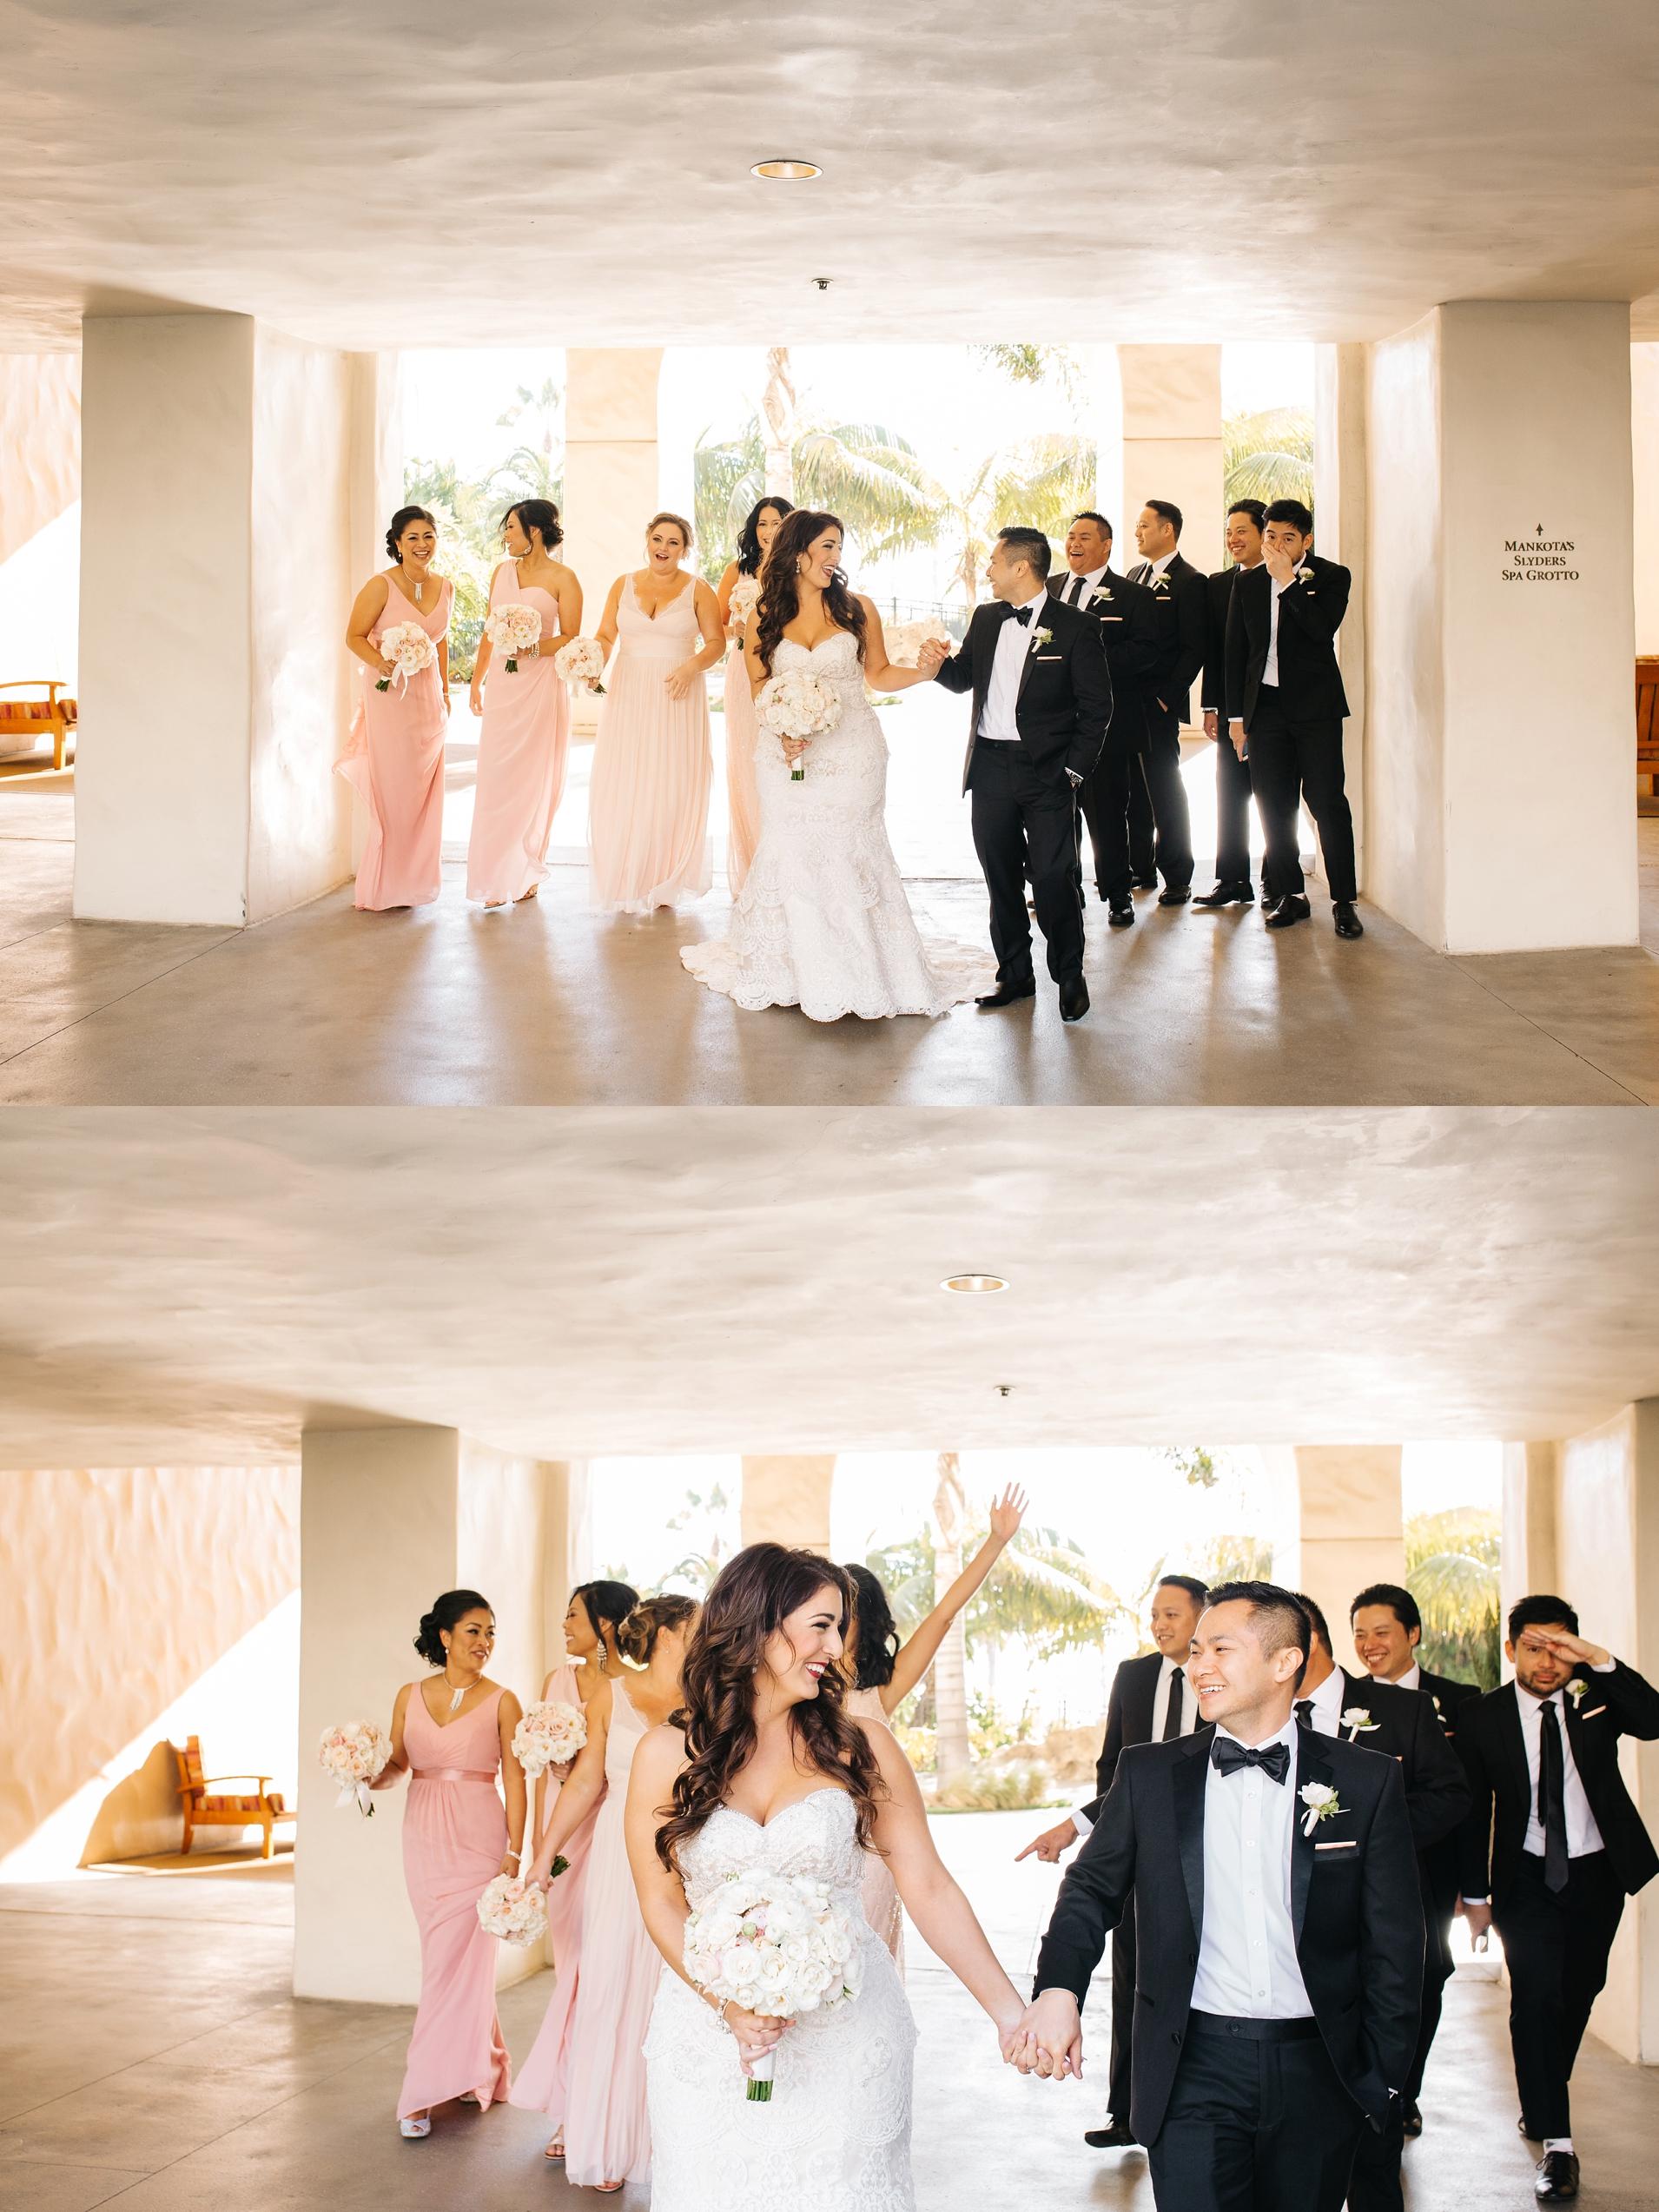 Bridal Party Photos in Orange County